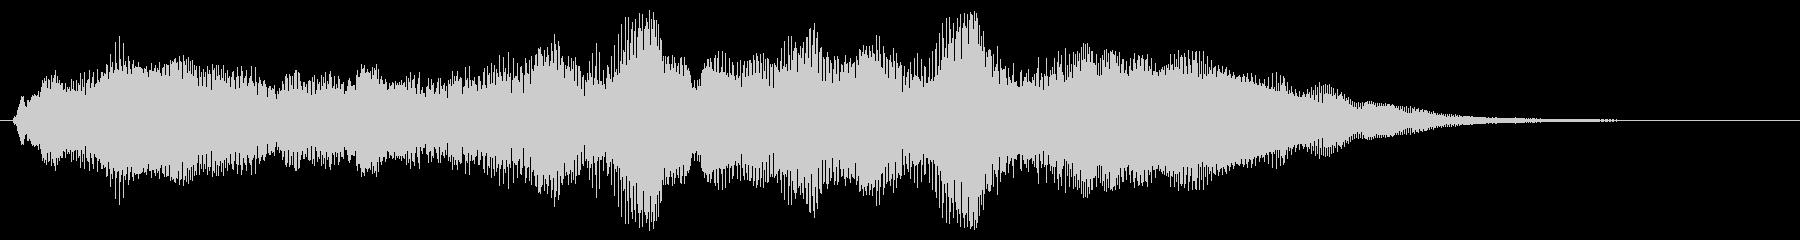 ファンファーレ シンプル版 トランペットの未再生の波形